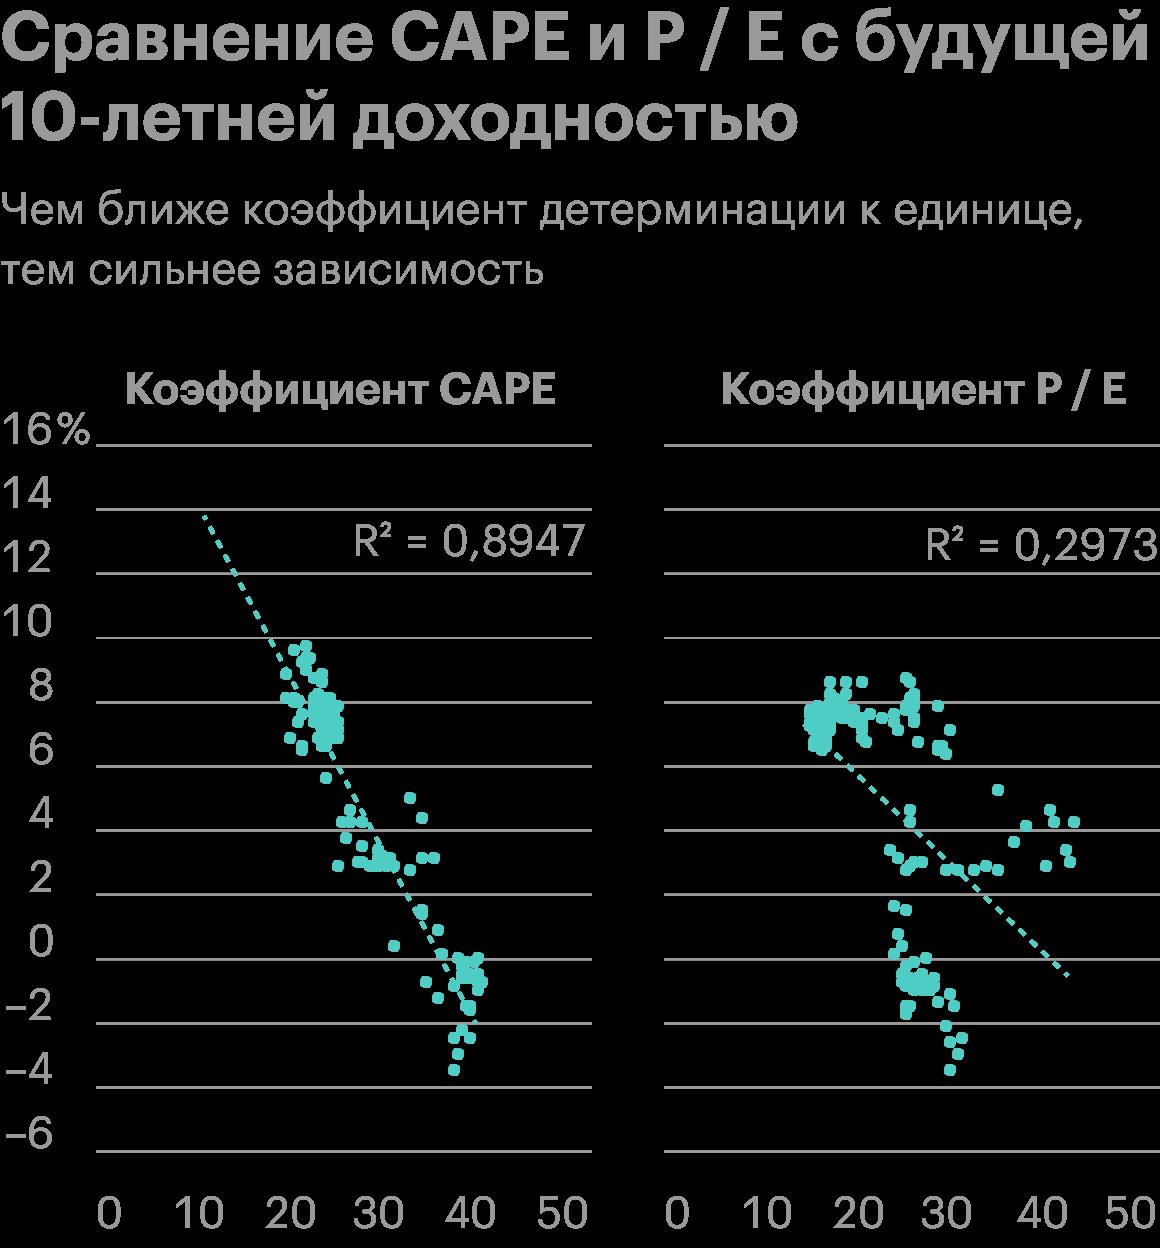 Если сравнить коэффициенты с будущей 10-летней доходностью, то с 1998 по 2018год будущую доходность можно было на 89,5%объяснить через CAPE: коэффициент детерминации R2 равен0,8947. А P/E позволял объяснить меньше 30%будущей доходности: R2 равен0,2973. Источник: Econompicdata